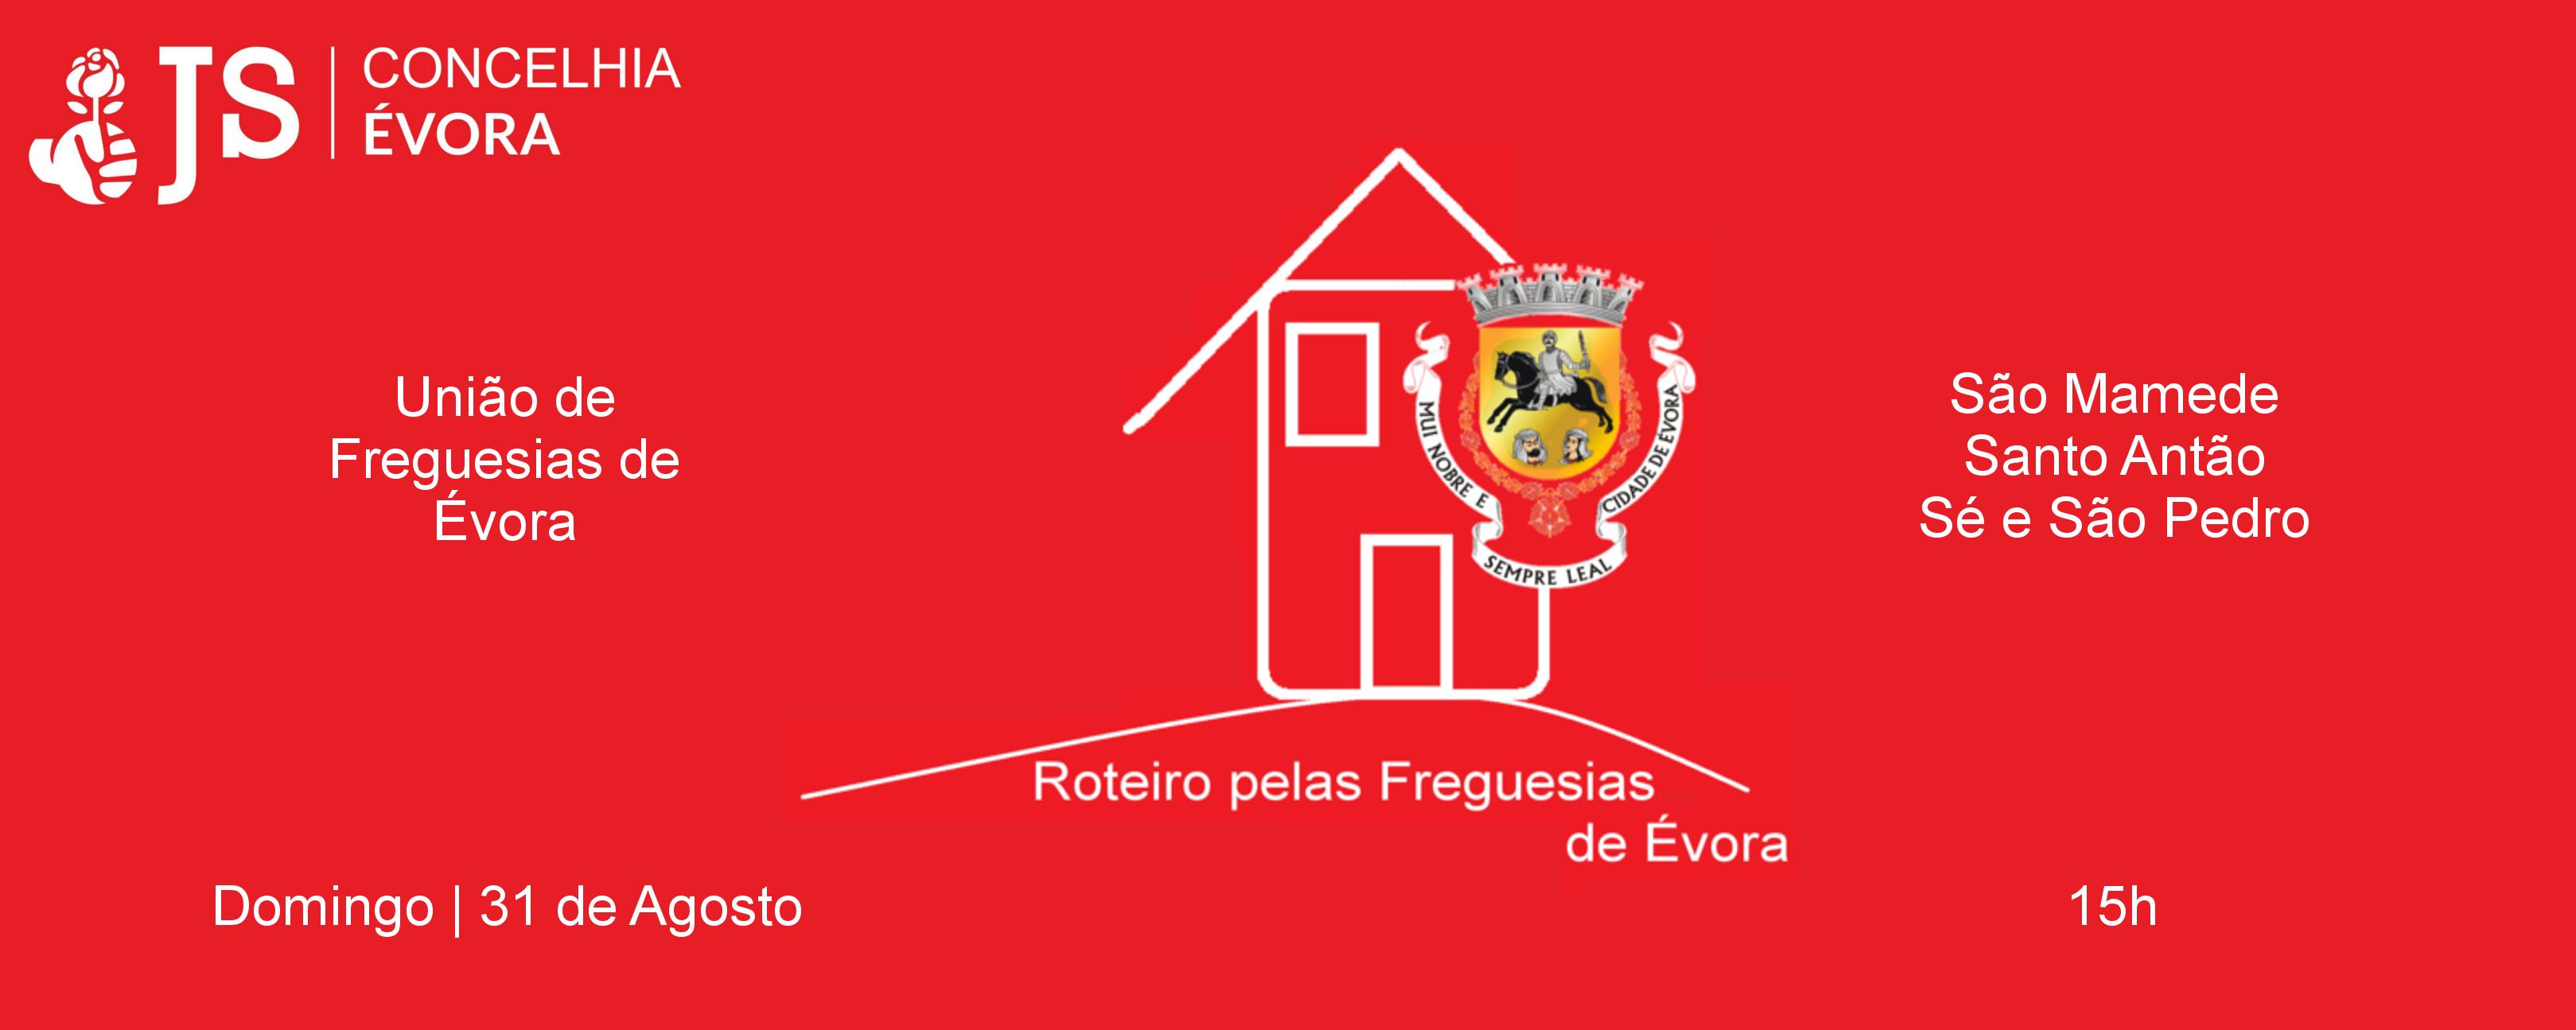 Roteiro pelas Freguesias de Évora - Évora